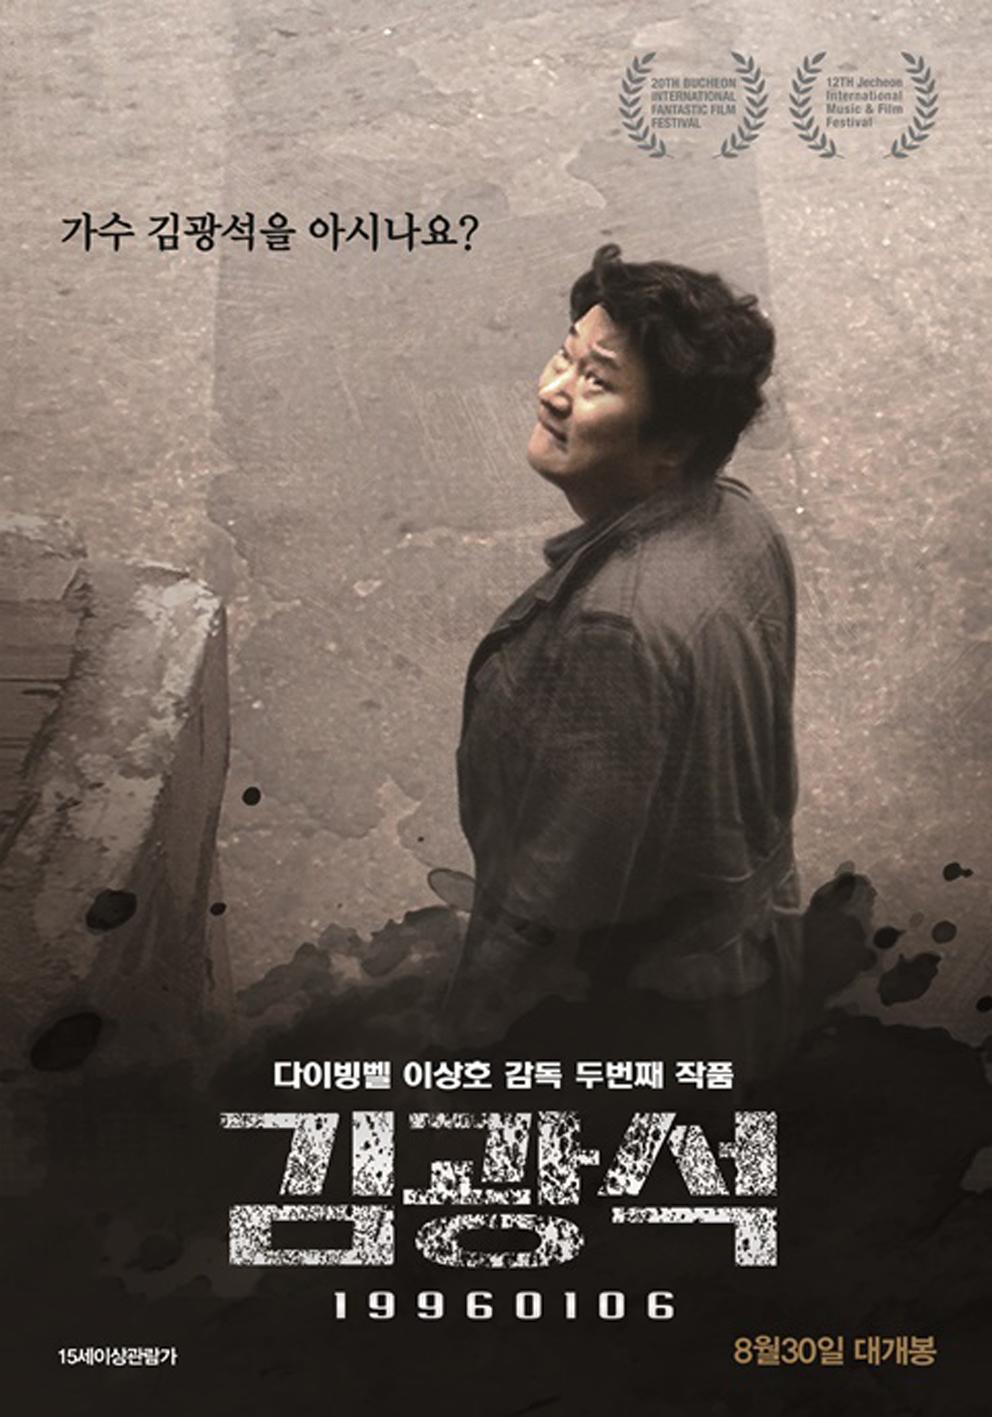 [영화] 영화 <김광석> 상영금지 신청 가처분 판결 승리